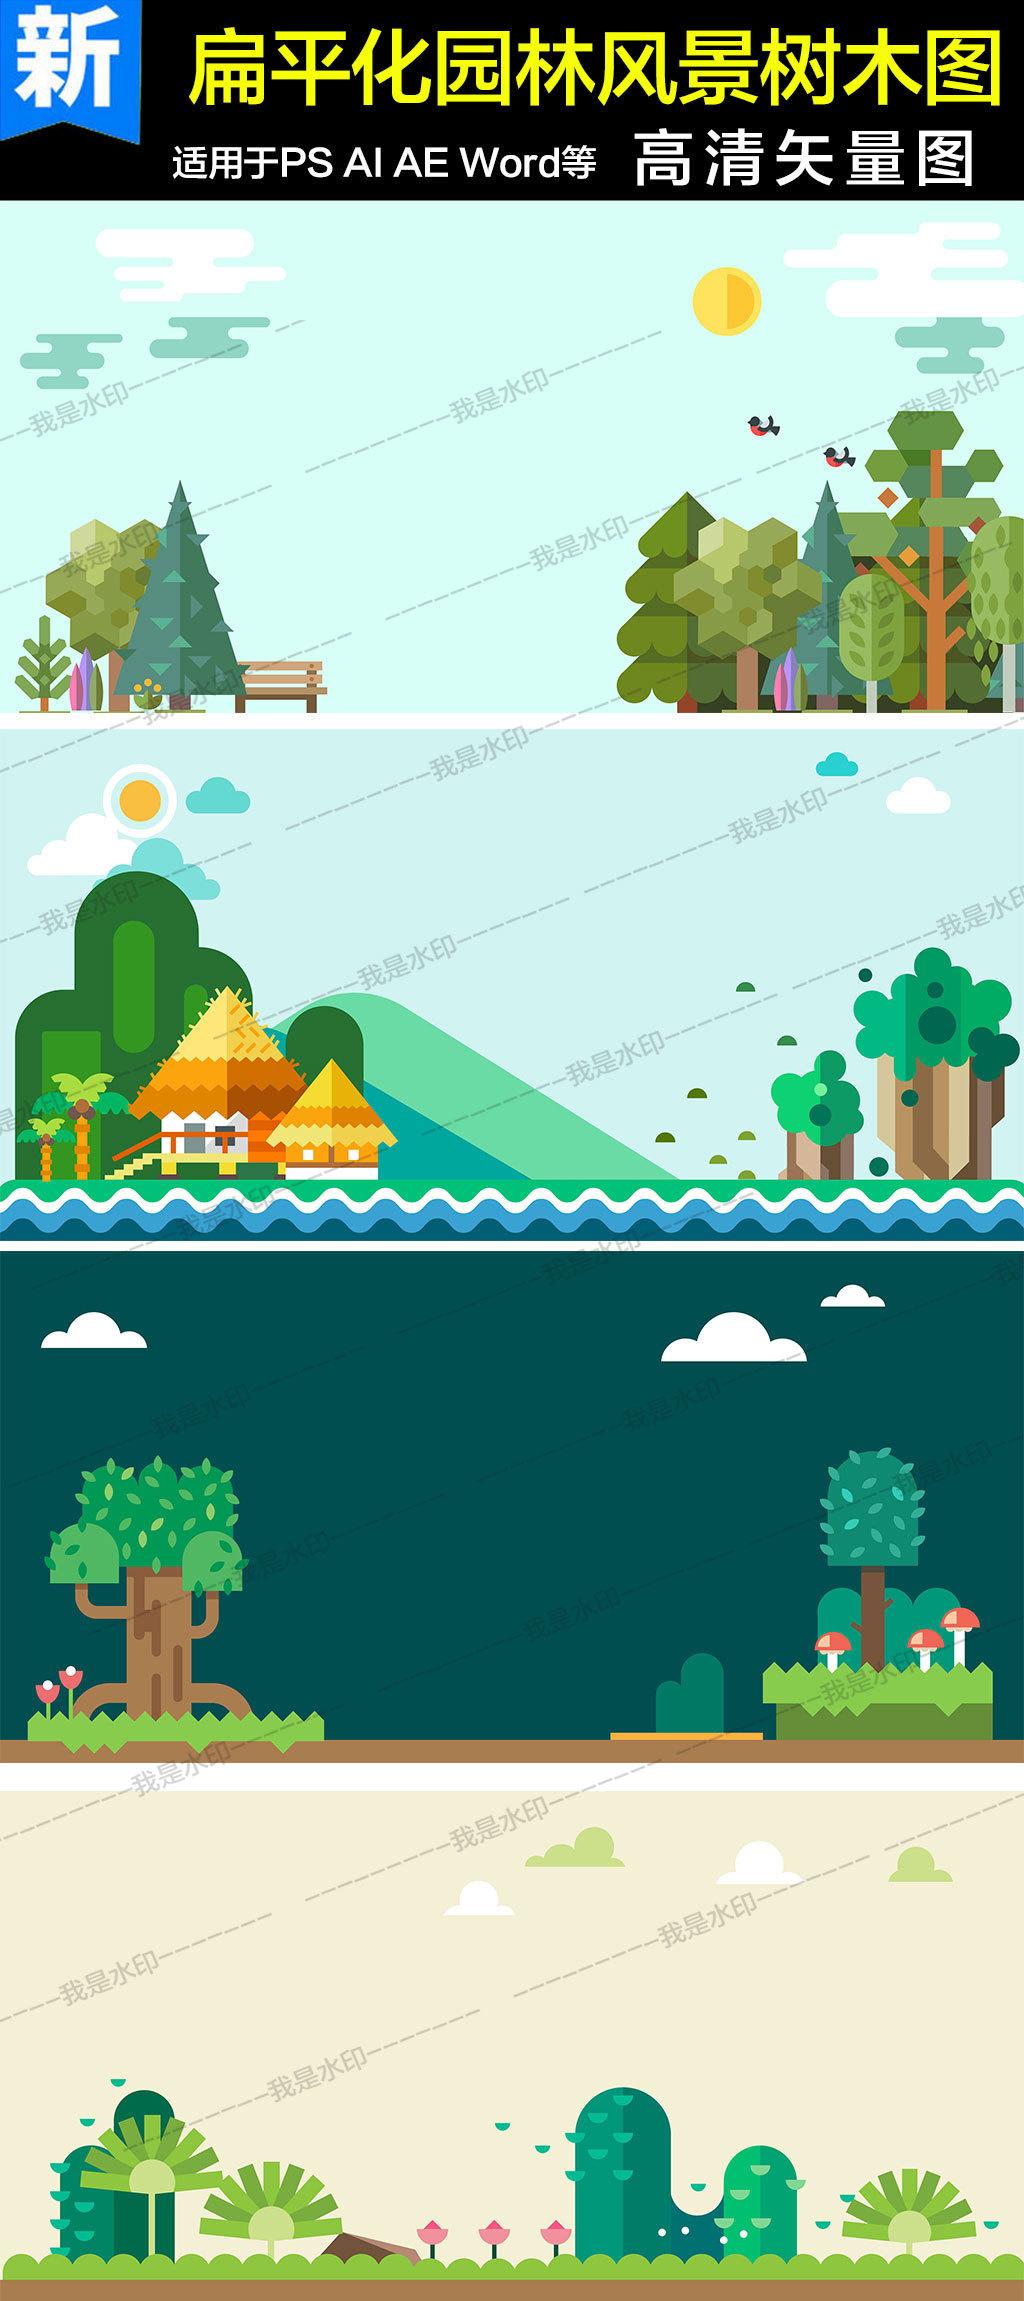 矢量扁平化园林风景树木背景模板下载(图片编号:)__我